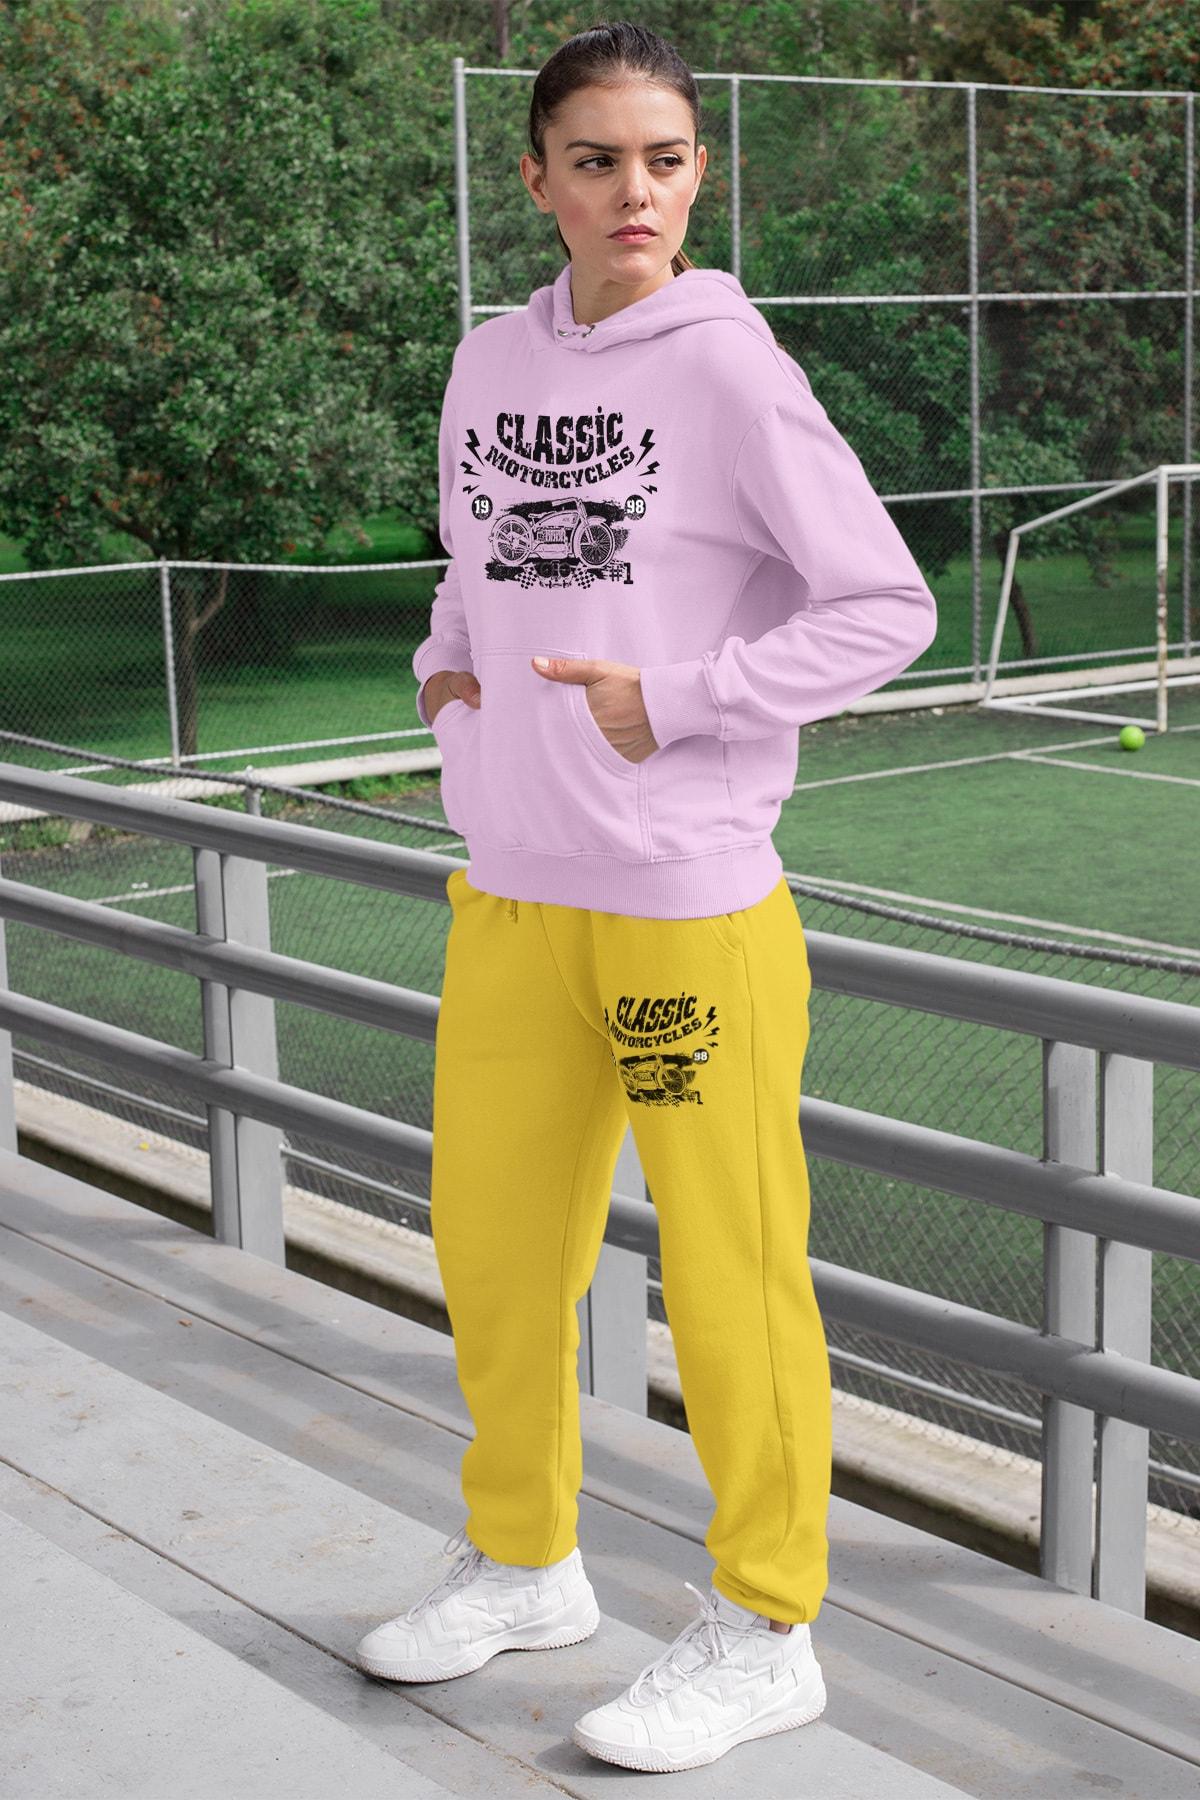 Wear Motorcycles Kadın Eşofman Takımı Pembe Kapşonlu Sweatshirt Sarı Eşofman Altı